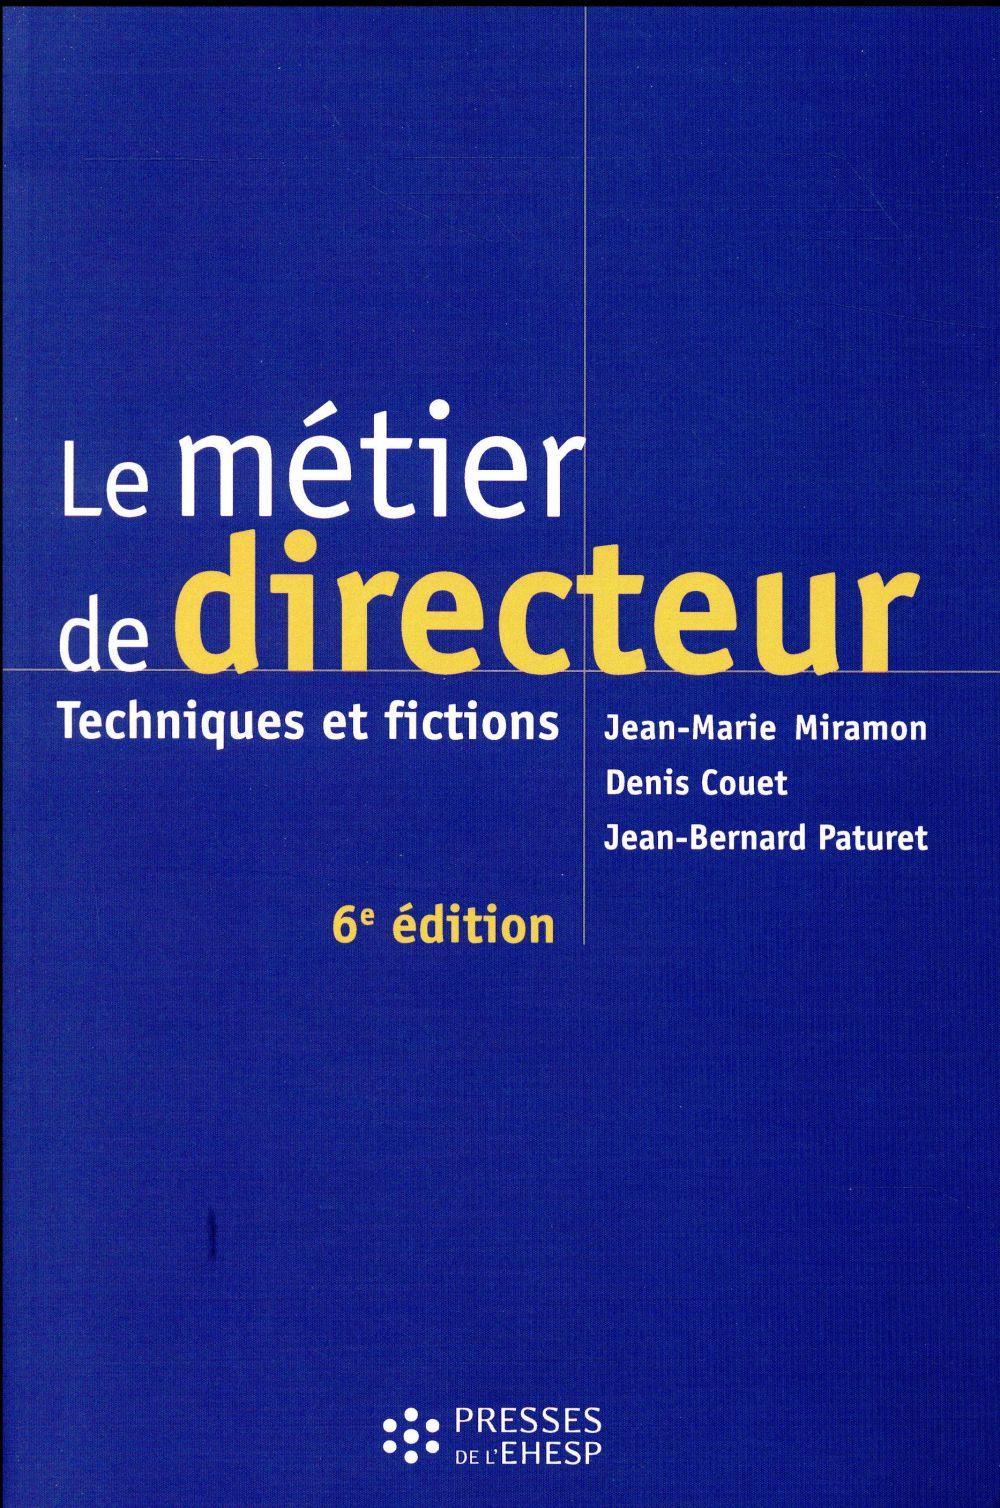 Le métier de directeur ; techniques et fictions (6e édition)